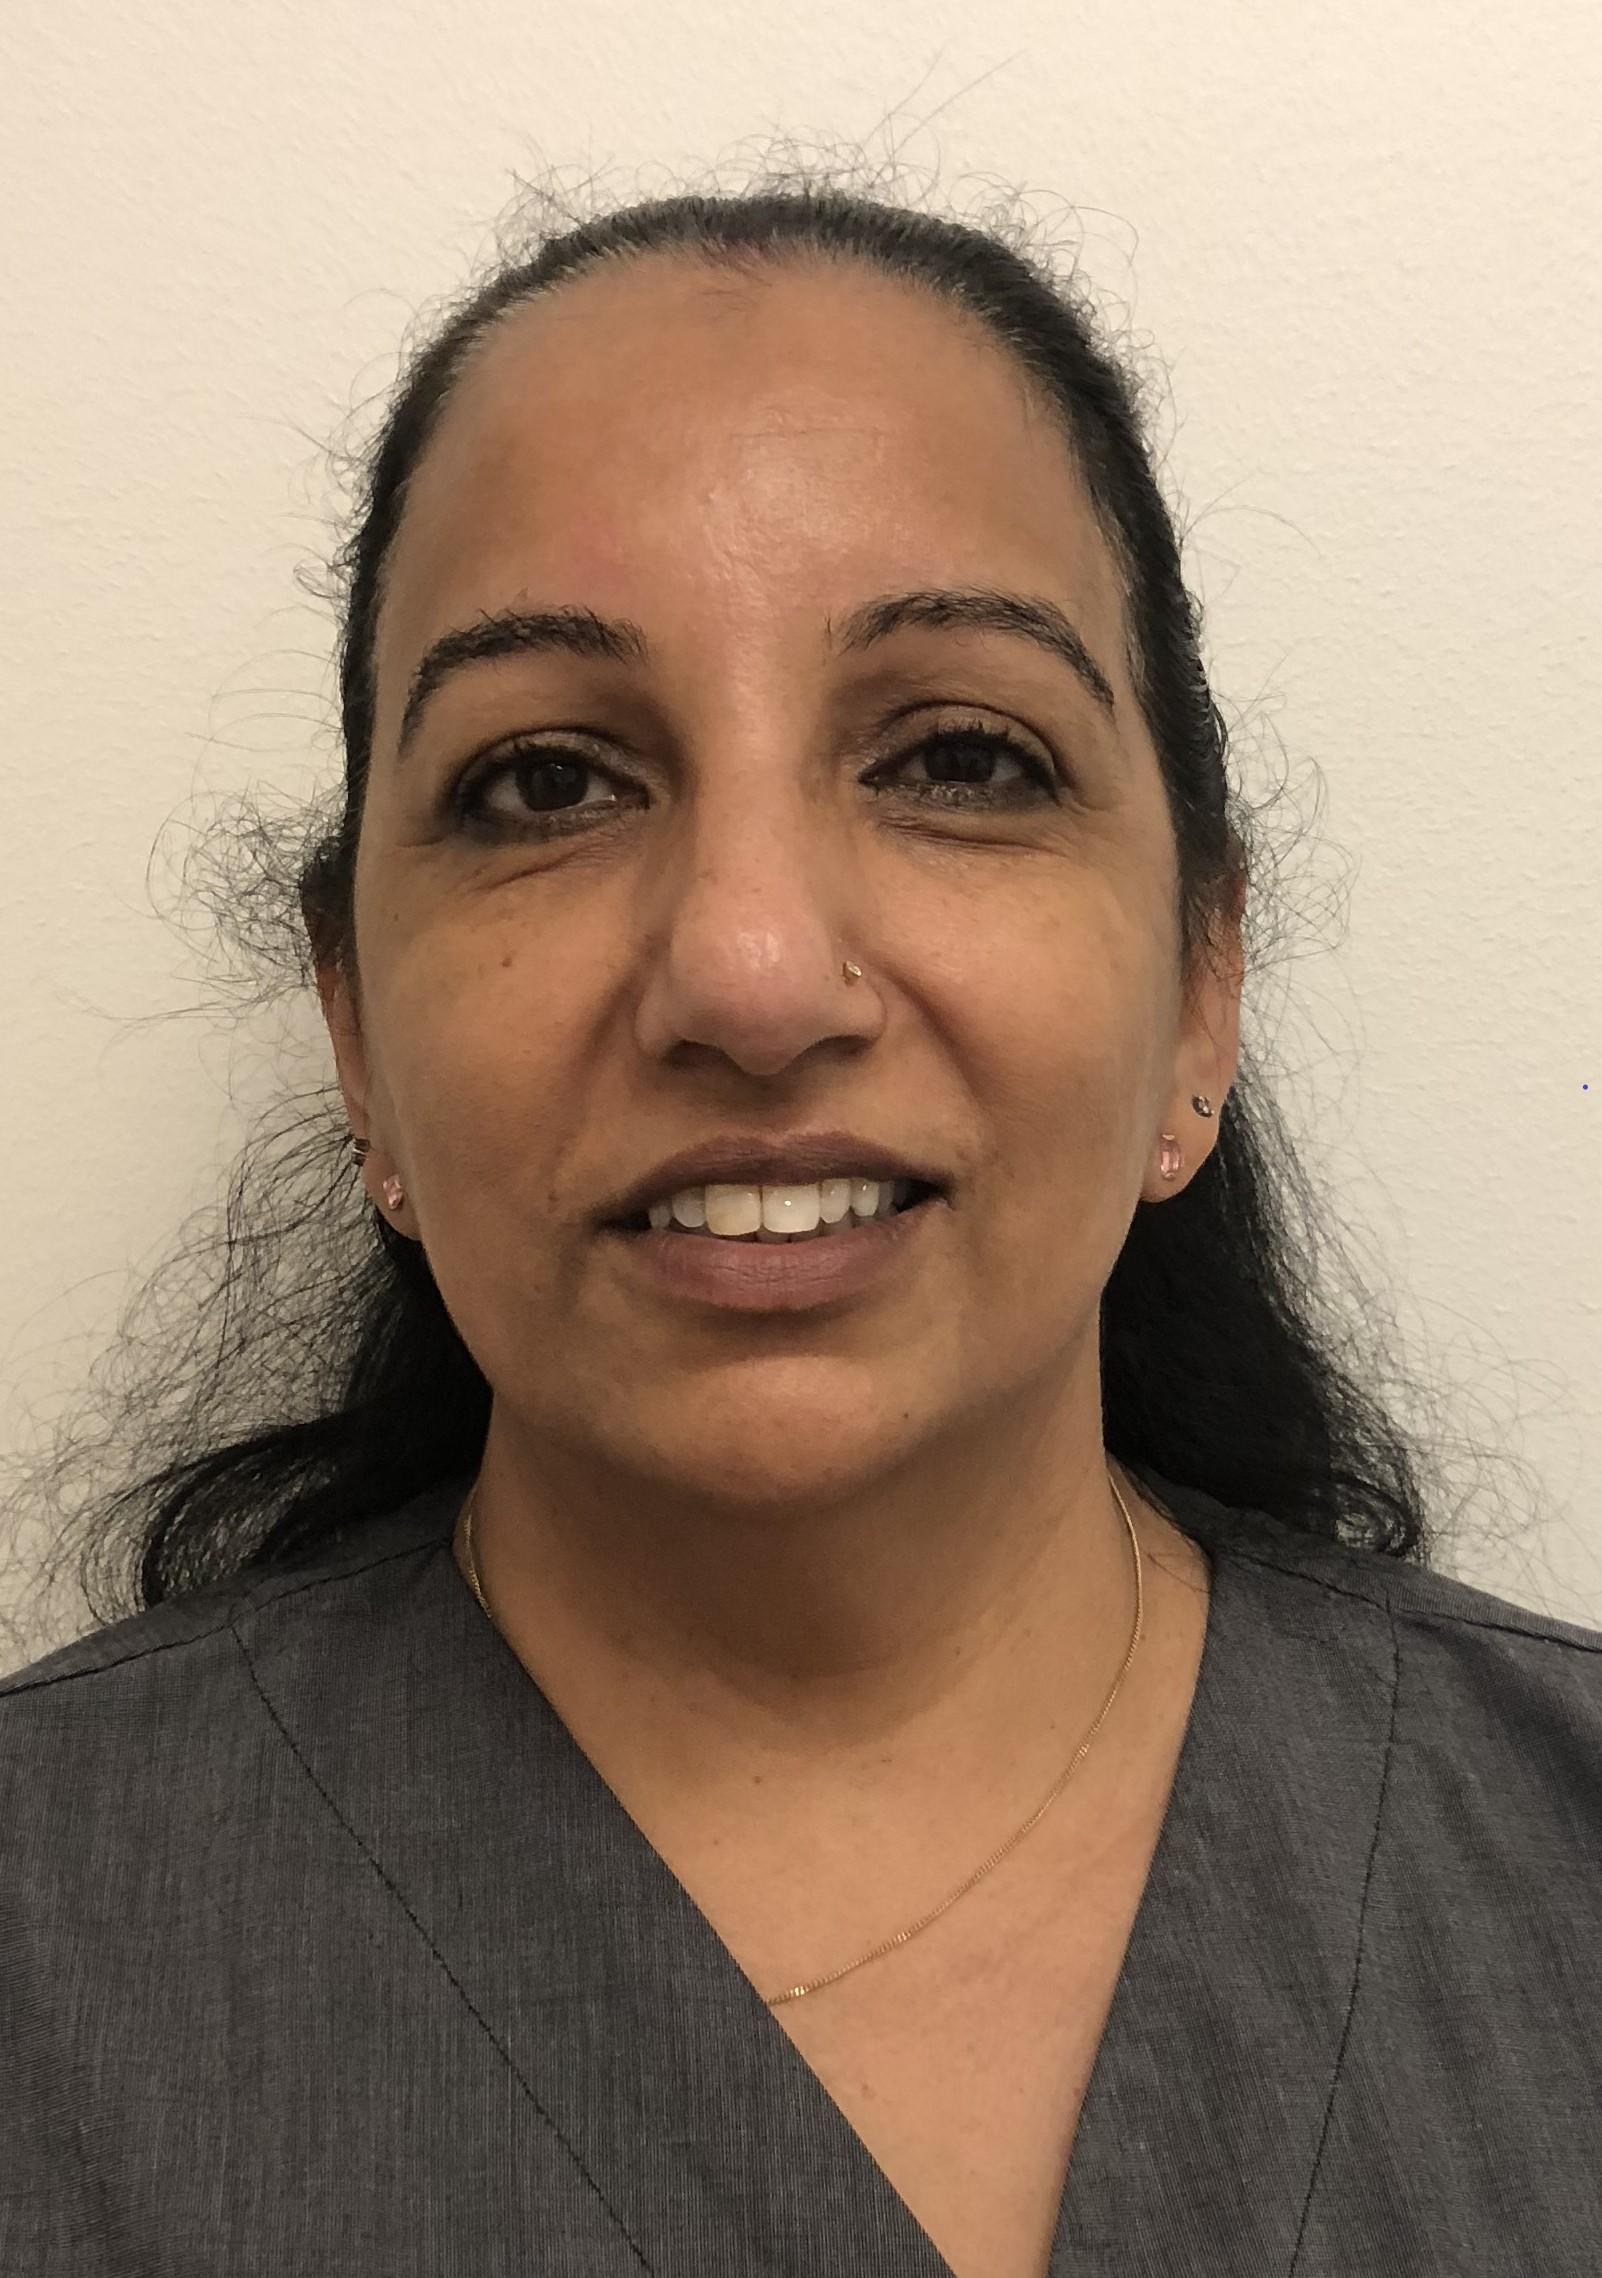 Sunita Chamat